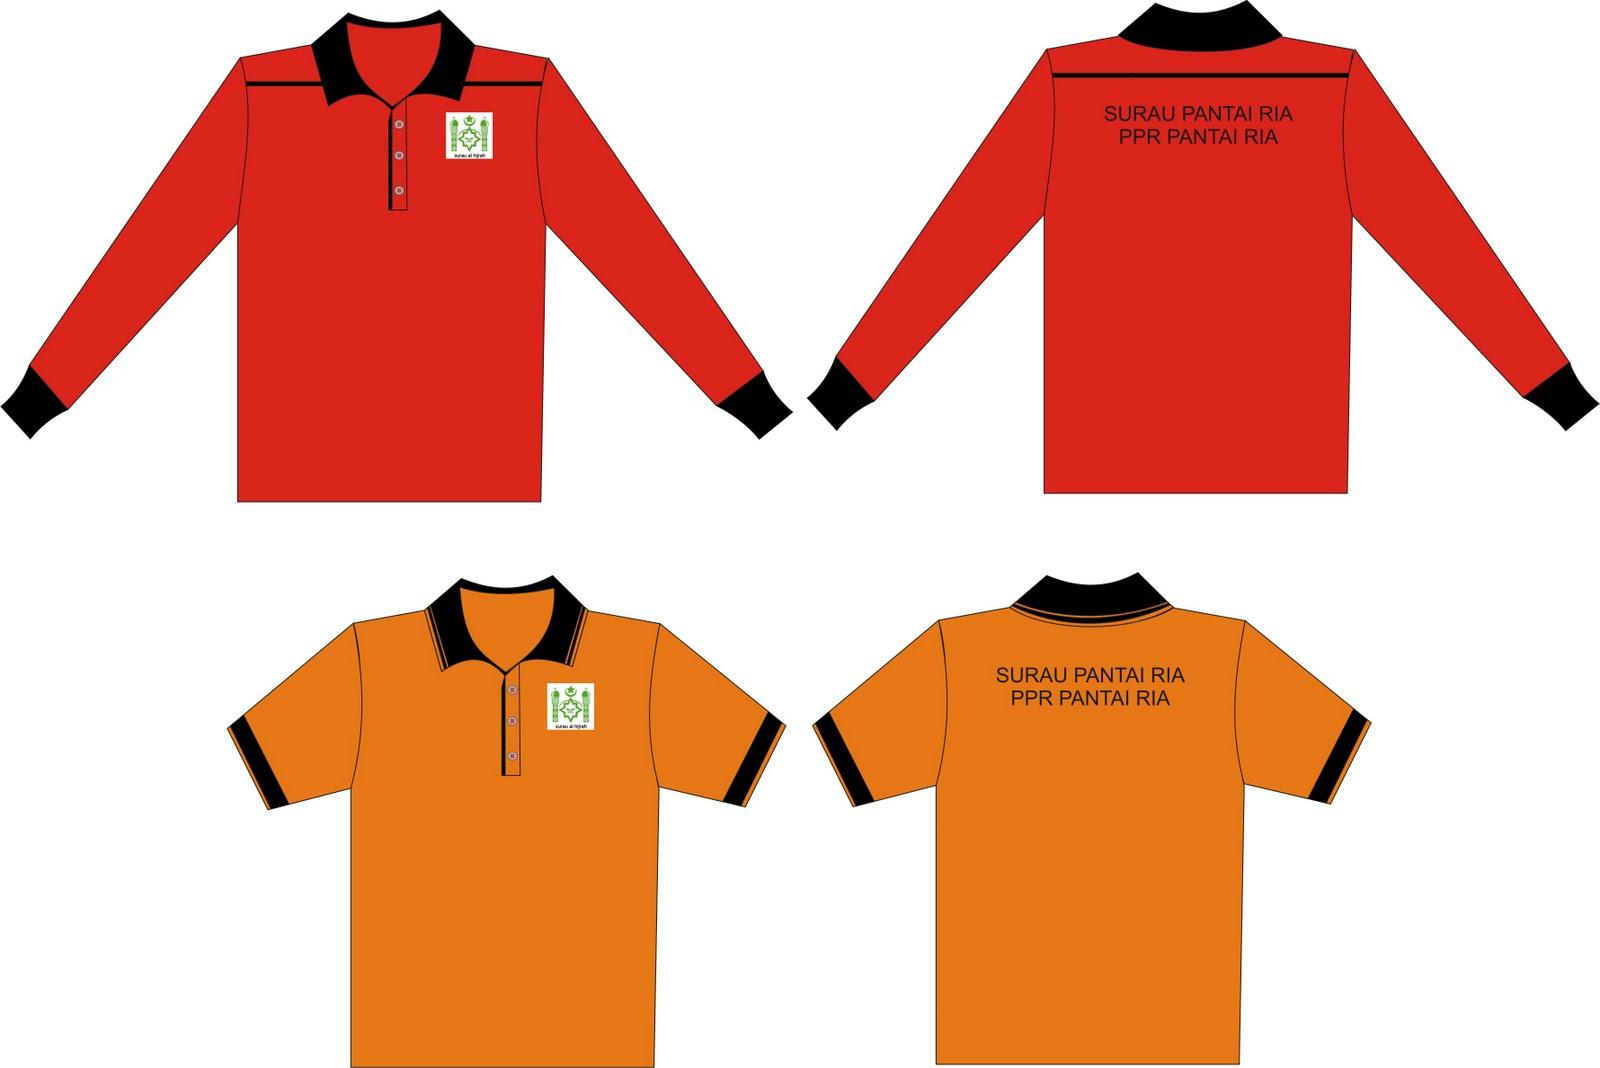 Contoh desain t shirt kelas - Design T Shirt Kelas Terbaru Tempahan Baju Rasmi Surau Dibuka